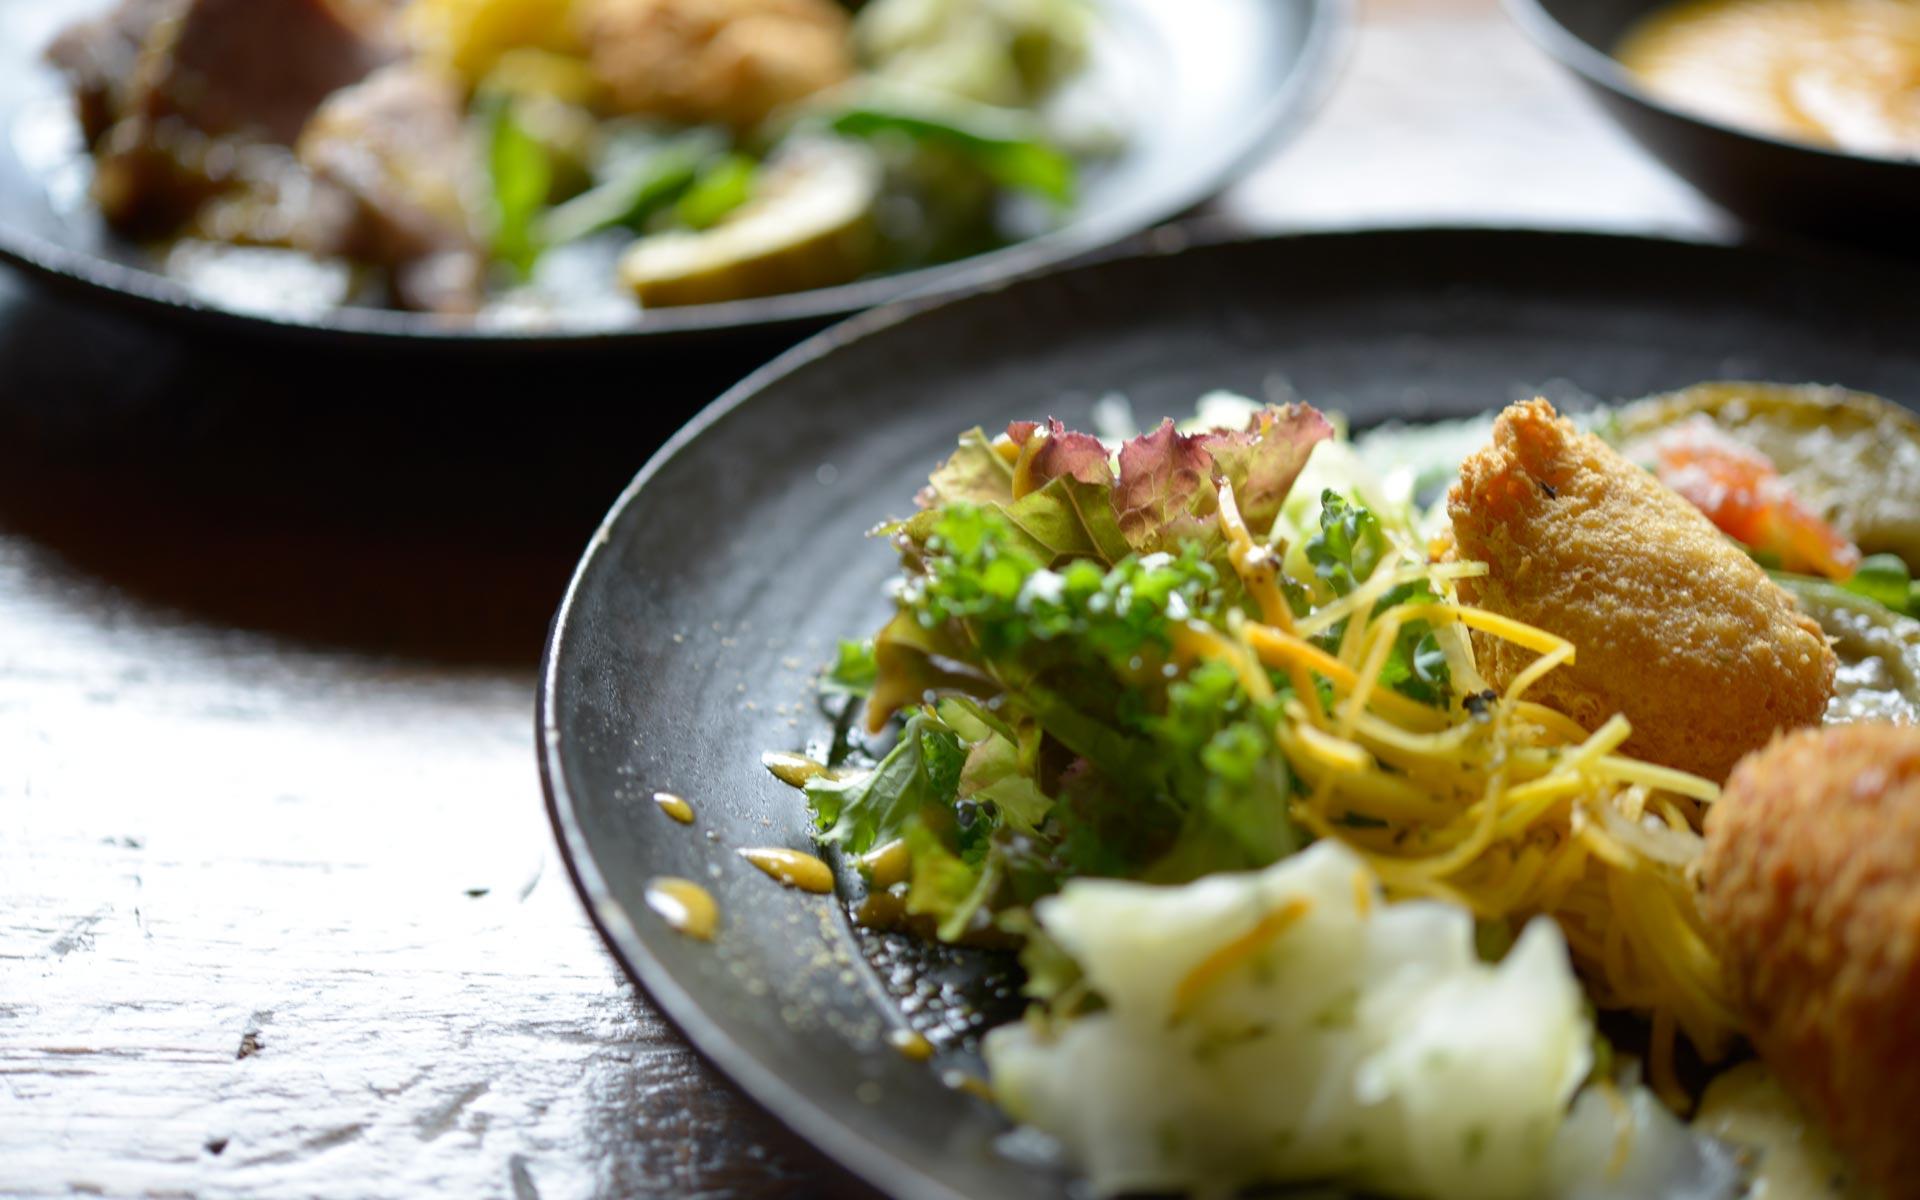 毎日使っていくうちに表情が変わるのが魅力だそう。野菜やソースの色が映え、料理をより美味しく見せてくれます